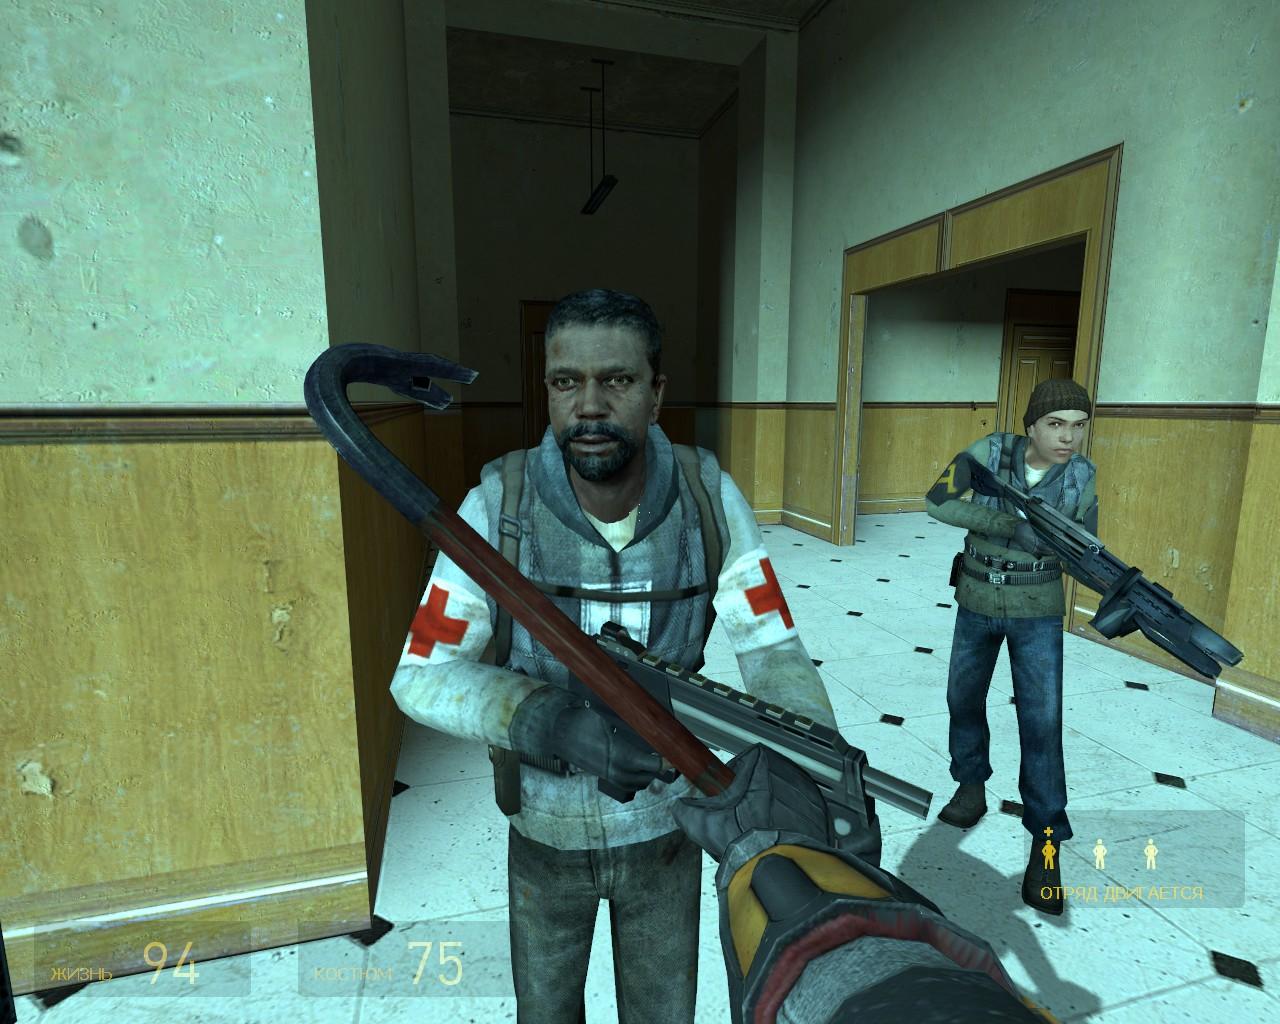 d3_c17_10b0022.jpg - Half-Life 2